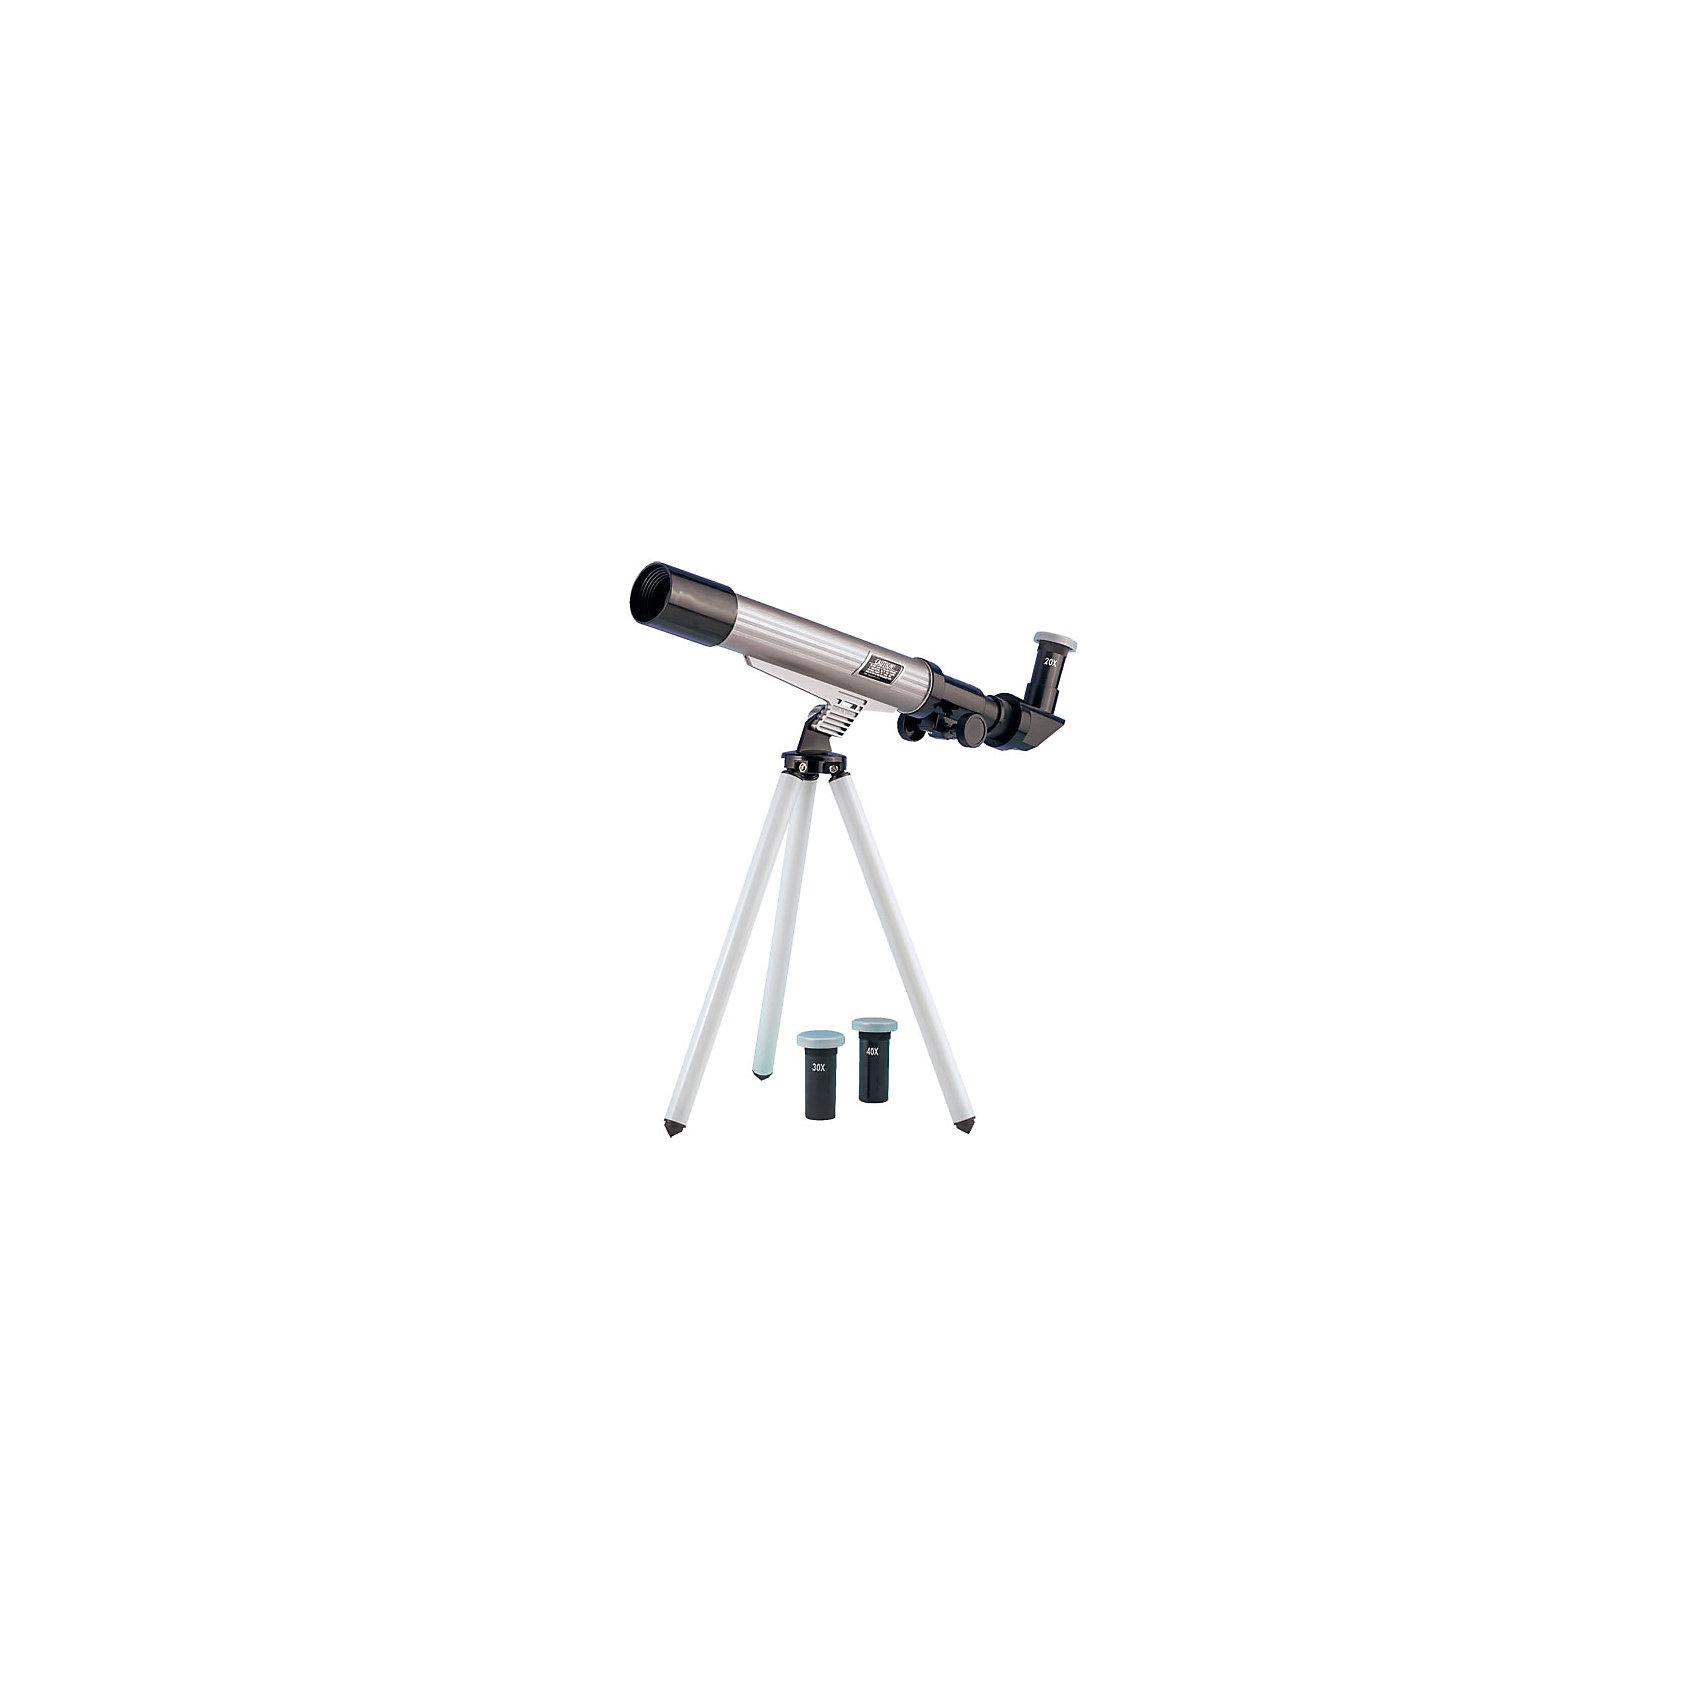 Телескоп 20*30*40, Edu-ToysТелескопы<br>Телескоп, Edu-Toys, станет замечательным помощником для юного исследователя и поможет вести увлекательные наблюдения за окружающим миром и звездным небом. Прибор представляет собой металлический корпус, который следует закрепить на штативе-треноге. Сменные окулярами с увеличением 20х, 30х, 40х дают возможность вести наблюдение за разными типами объектов. Специальная ручка регулировки поможет наладить нужную резкость и сделать наблюдаемый объект четче, имеется диагональное зеркало.  <br><br>Дополнительная информация:<br><br>- Материал: металл, пластик. <br>- Длина корпуса телескопа: 25 см.<br>- Высота штатива: 41 см.<br>- Диаметр объектива: 30 мм.<br>- Окуляры: 20х, 30х, 40х.  <br>- Фокусируемая длина: 500 мм.<br>- Размер упаковки: 17,8 х 7,5 х 45,8 см.<br>- Вес: 0,608 кг.<br><br>Телескоп 20*30*40, Edu-Toys, можно купить в нашем интернет-магазине.<br><br>Ширина мм: 458<br>Глубина мм: 75<br>Высота мм: 178<br>Вес г: 608<br>Возраст от месяцев: 96<br>Возраст до месяцев: 144<br>Пол: Унисекс<br>Возраст: Детский<br>SKU: 4013732